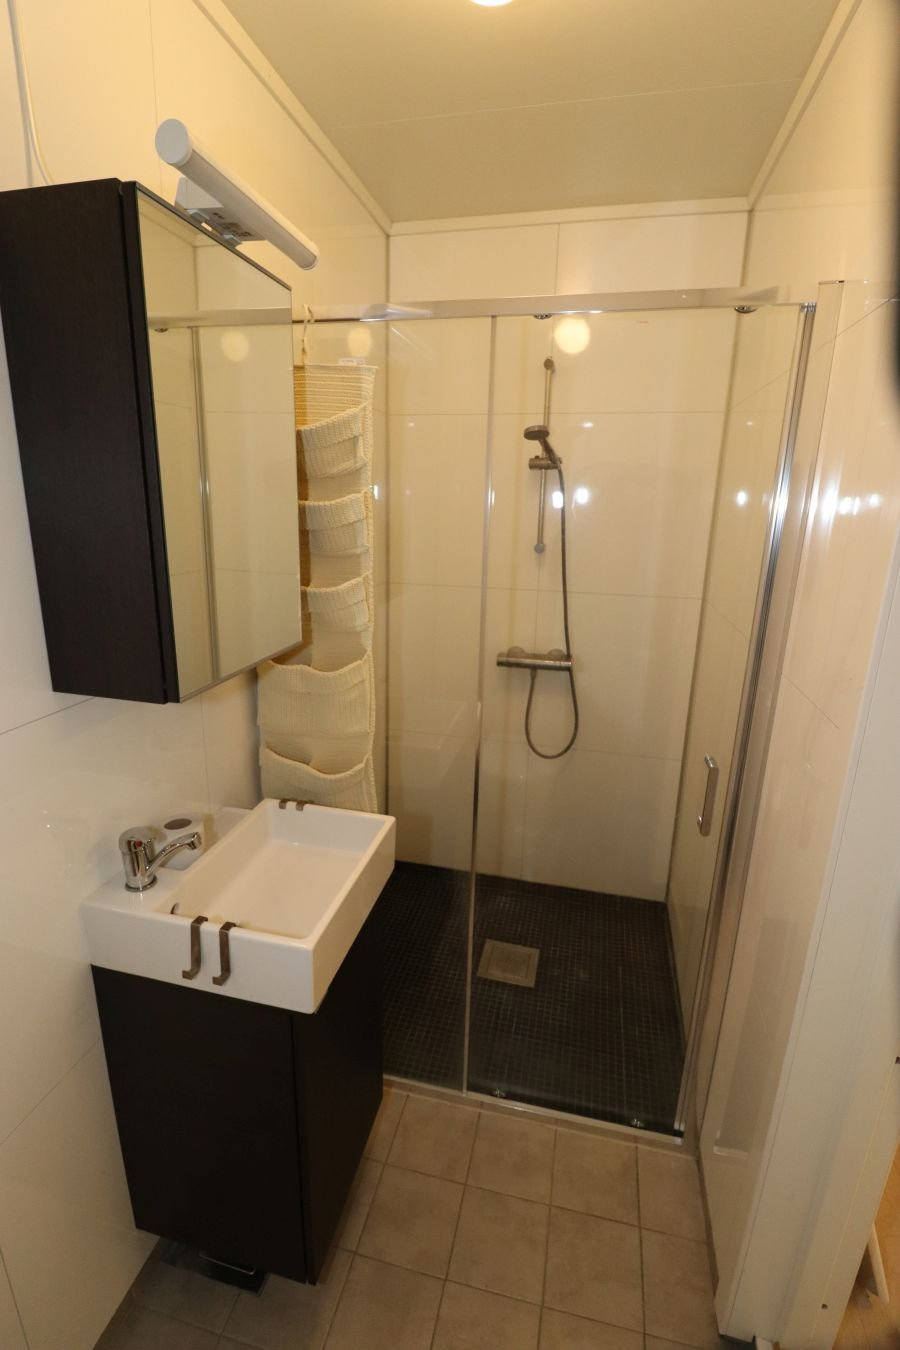 Bad/WC im kleinen Apartment.